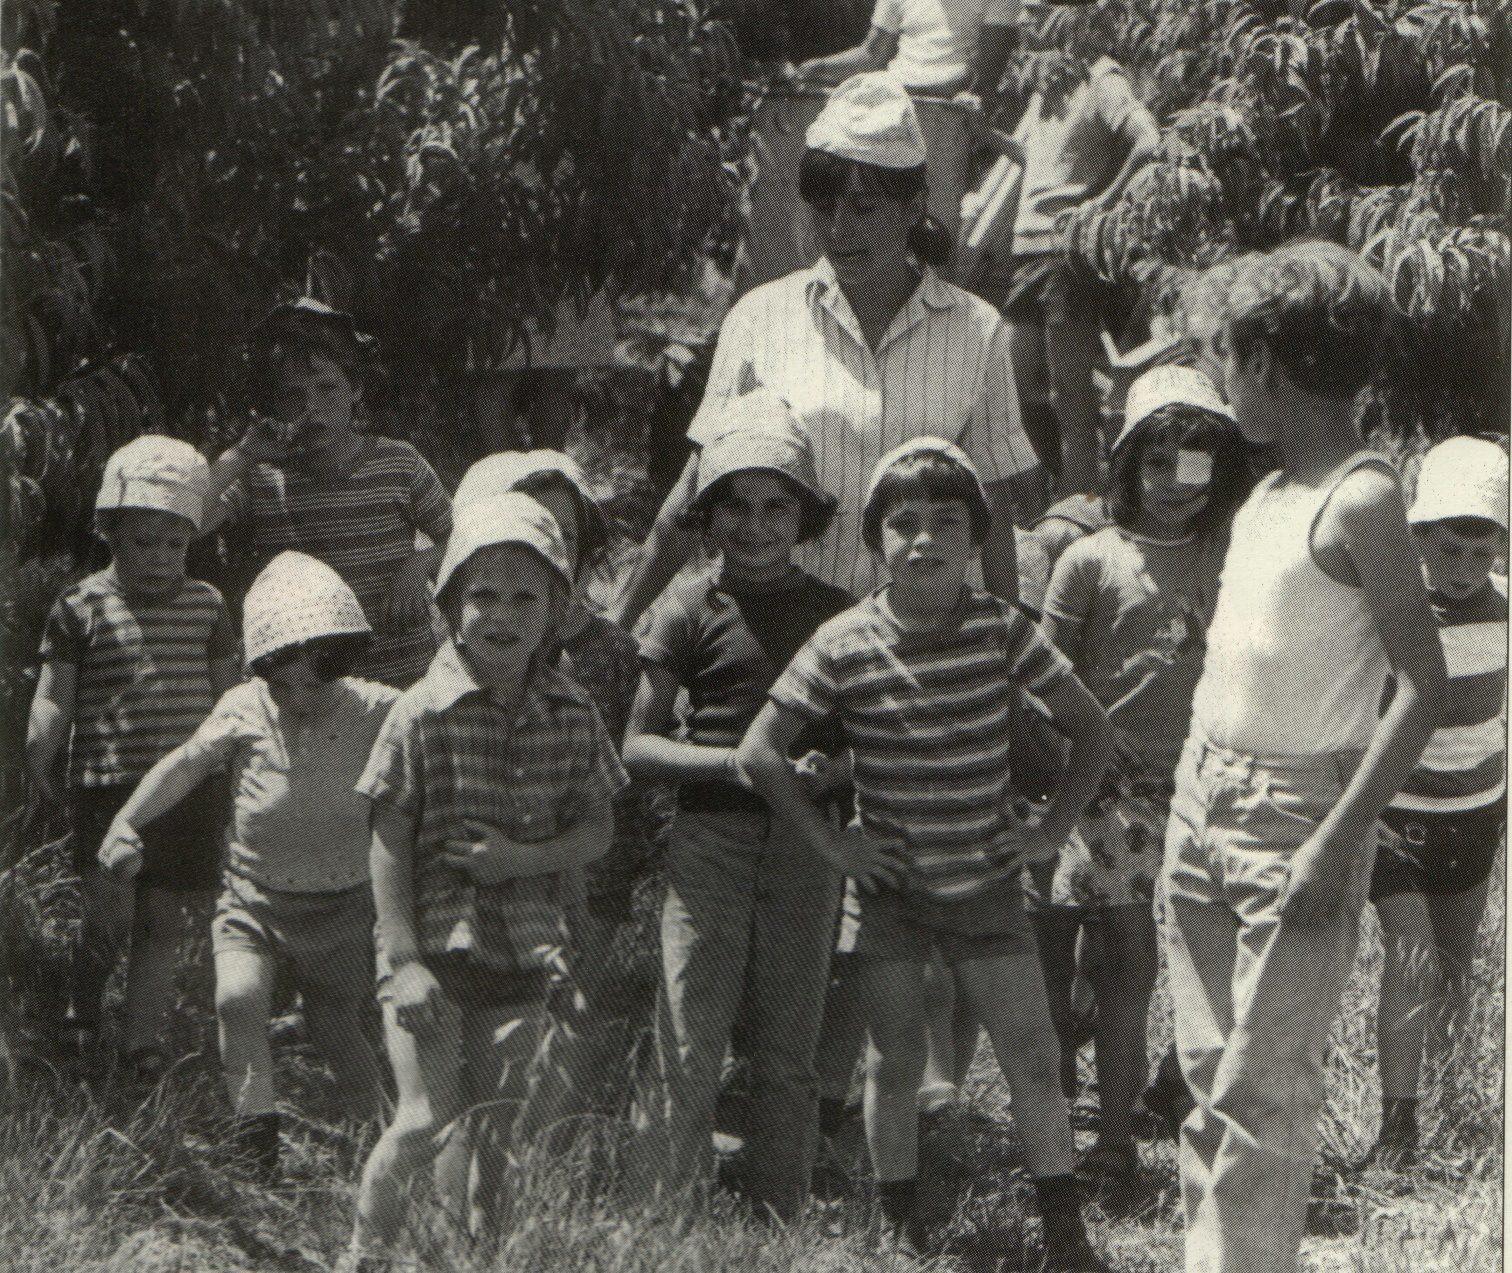 Sosyalizm ve siyonizmi pratik bir şekilde bir araya getiren kibbutizm sadece İsrail'de uygulanmıştır.